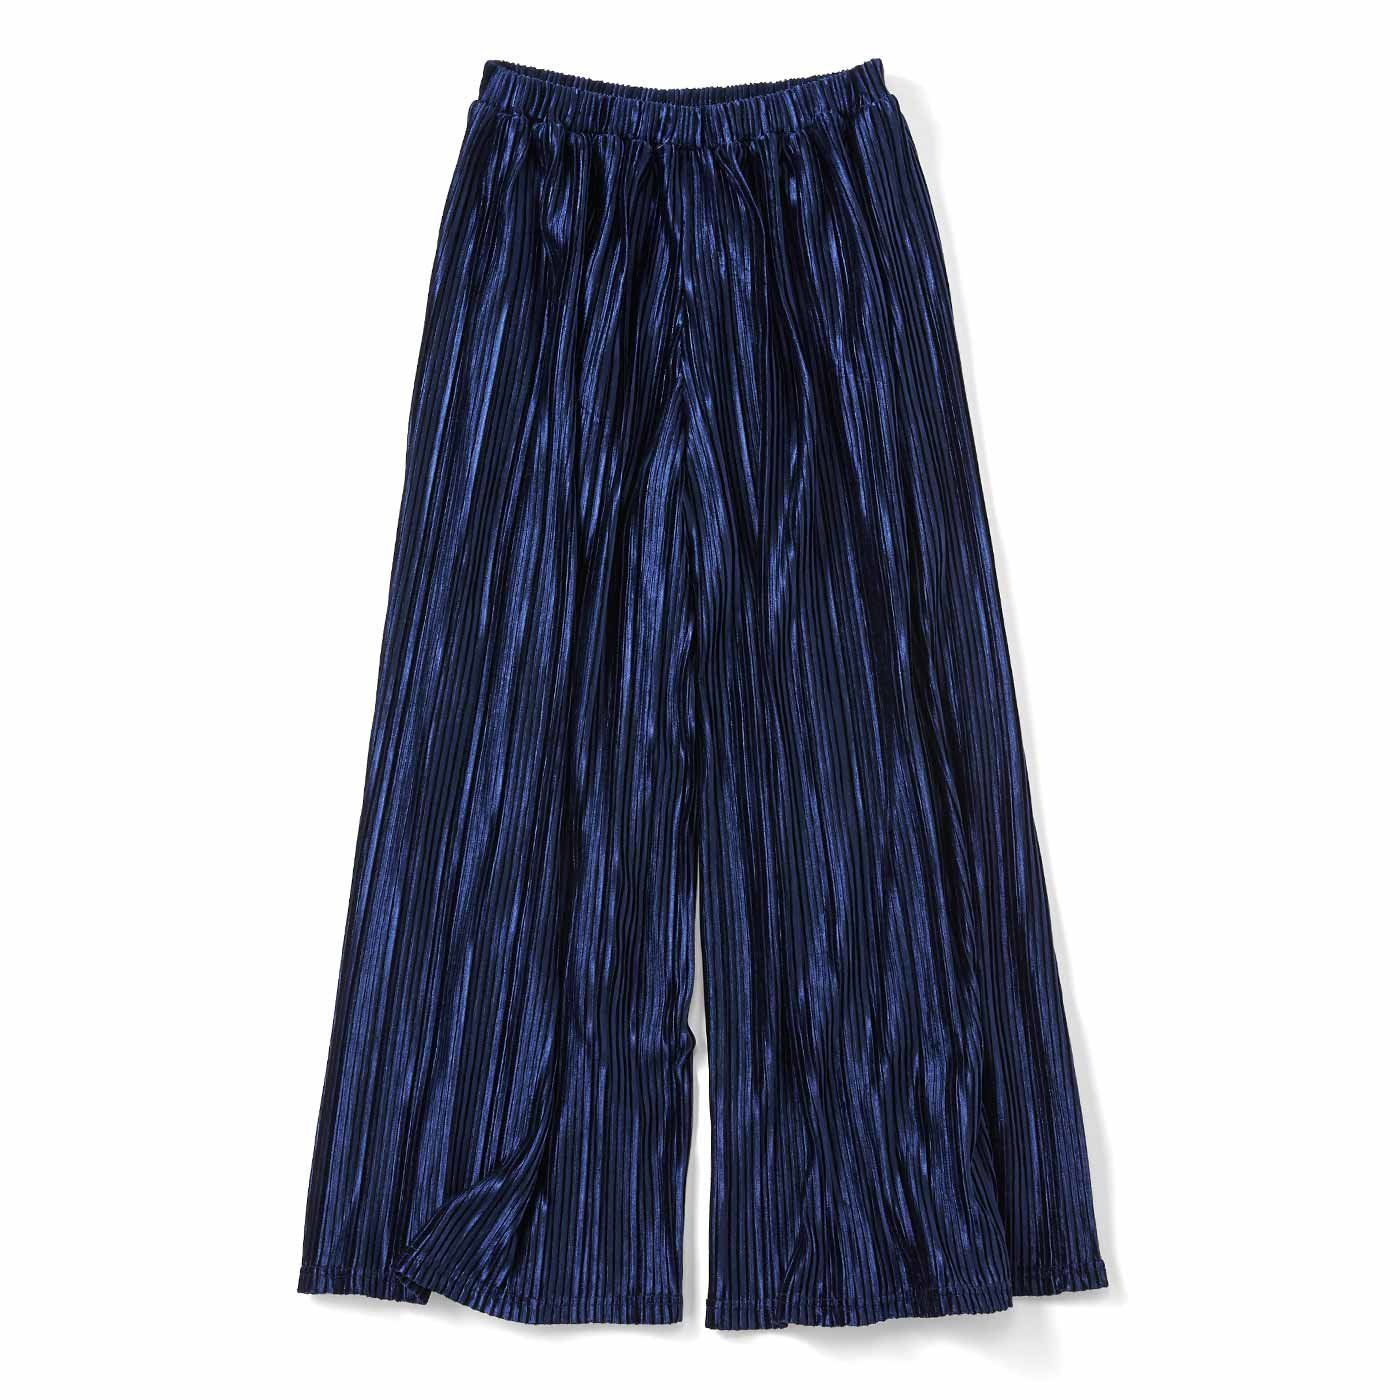 リブ イン コンフォート スカートの上品さとパンツのらくちんさを兼ね備えた 細プリーツベロアガウチョ〈ネイビー〉